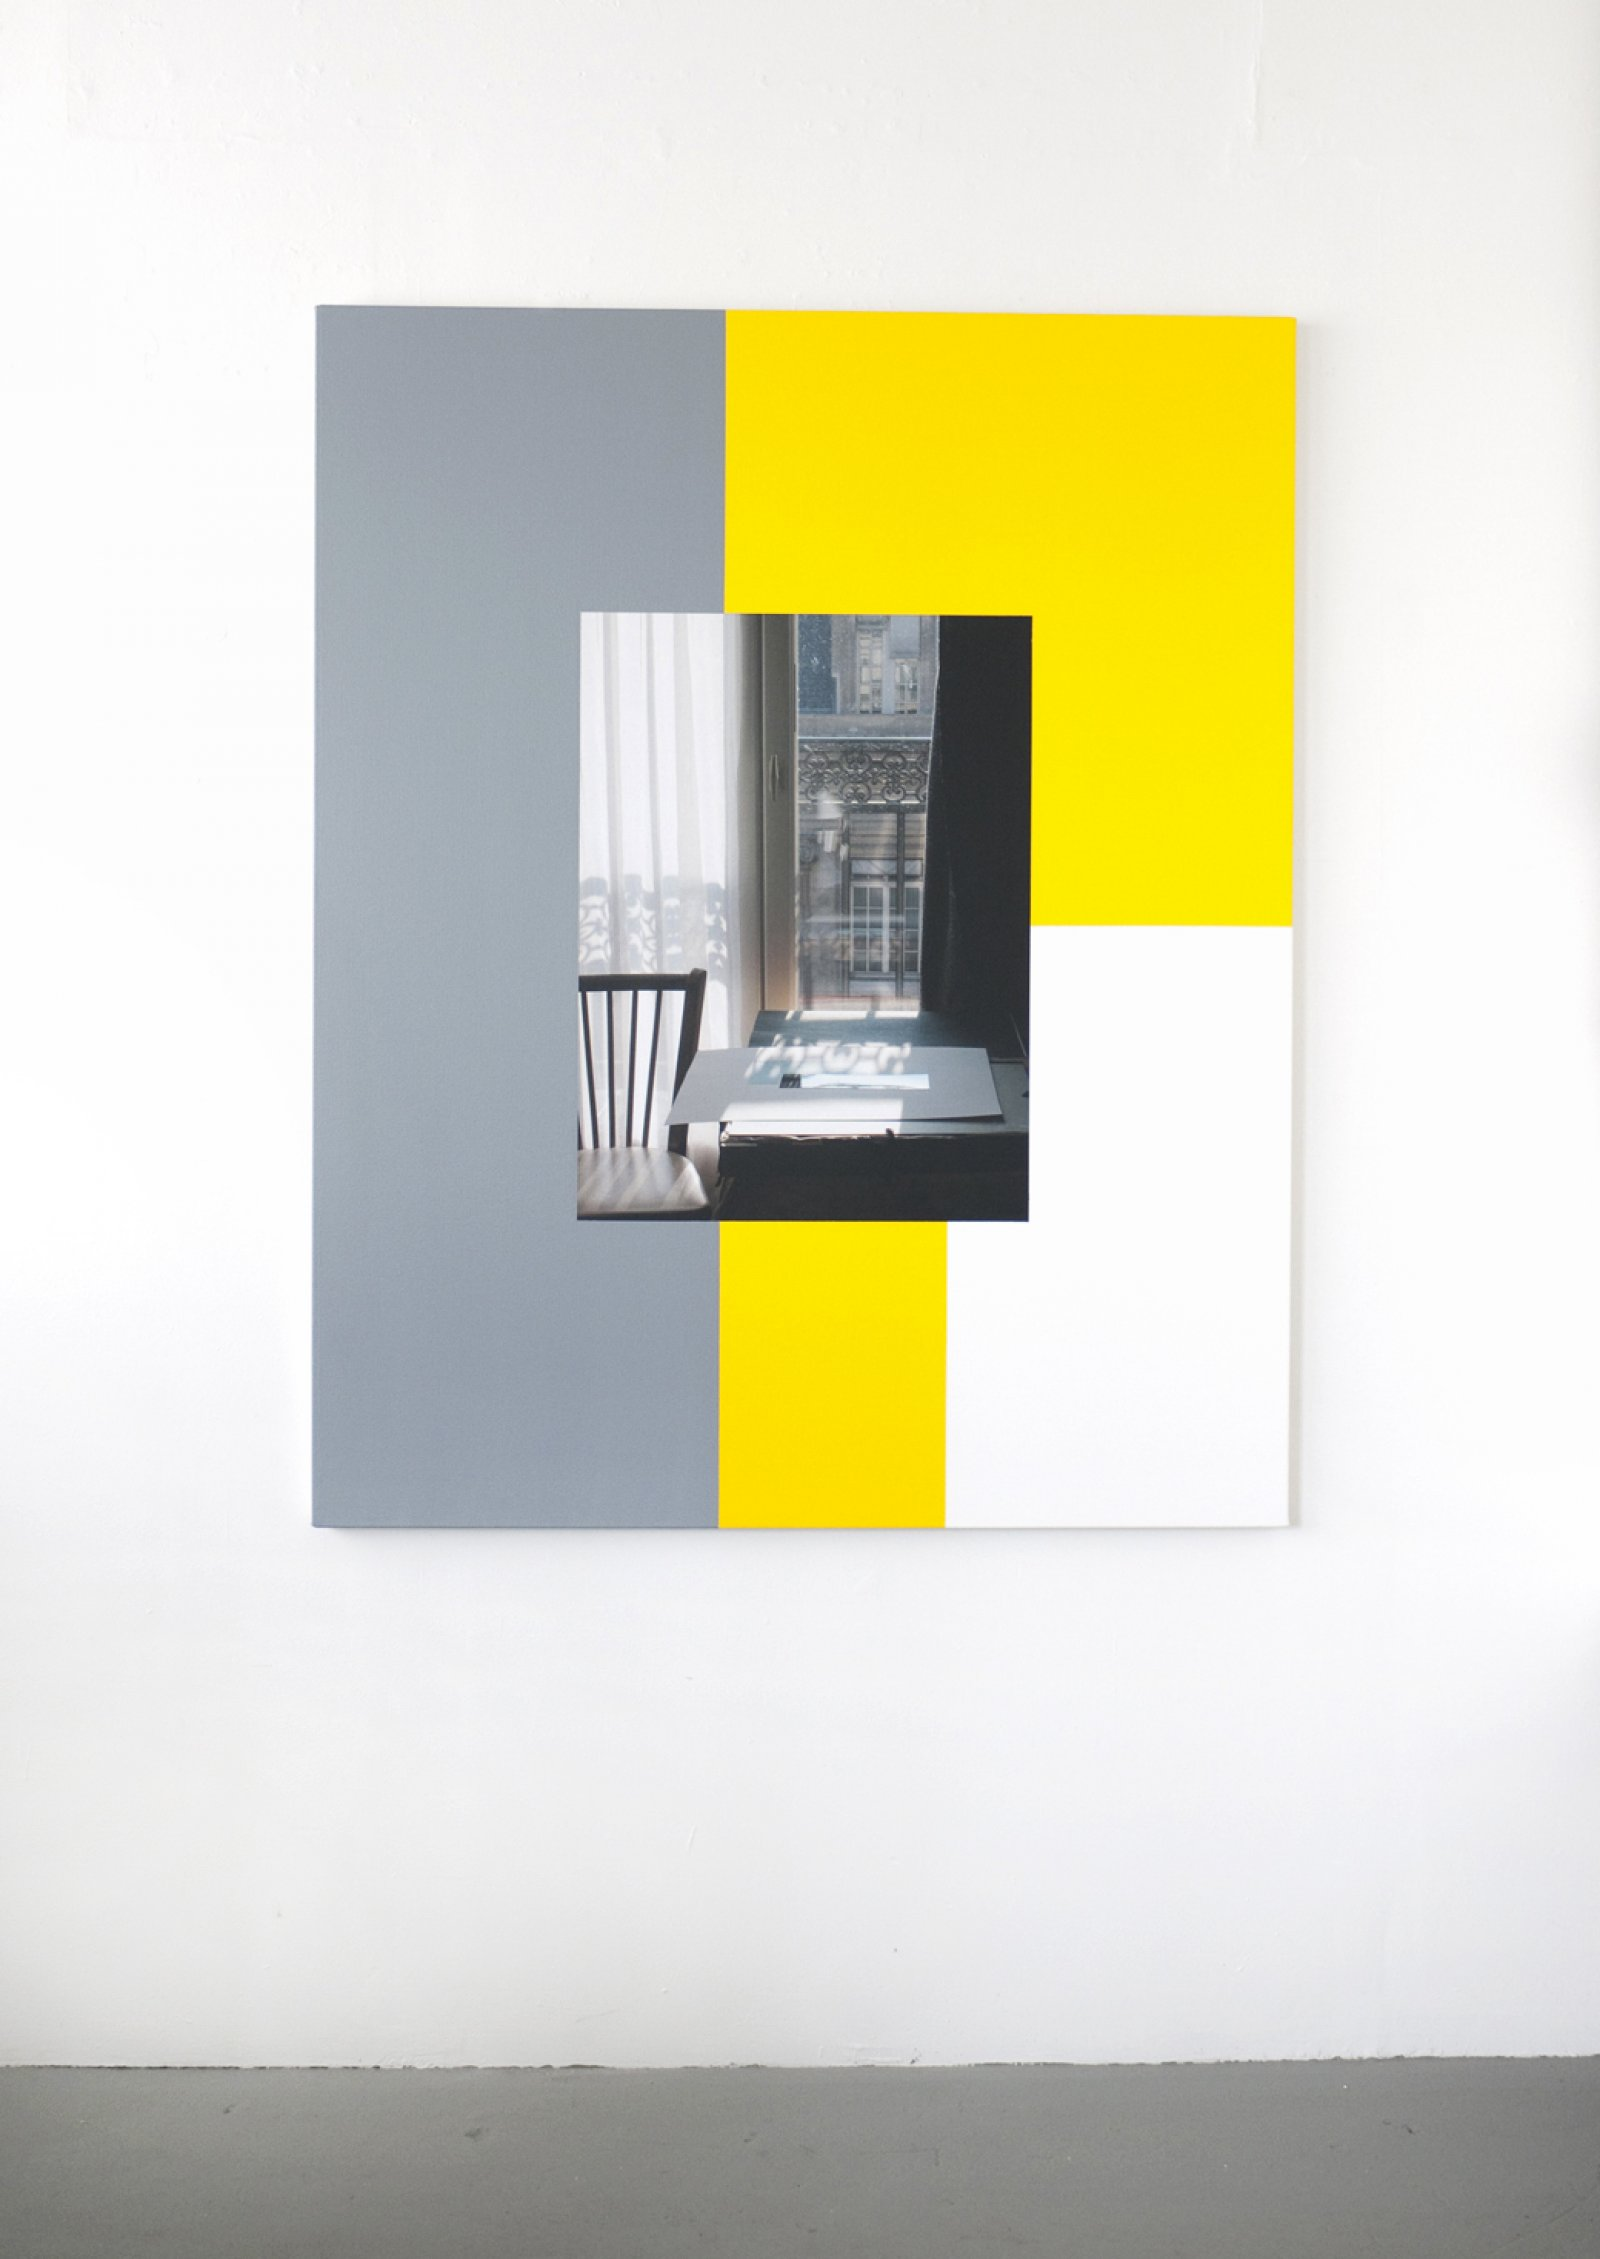 Ian Wallace,Hotel Rivoli (22 November 2003) I, 2012,photolaminate and acrylic on canvas, 60 x 48 in. (153 x 122 cm)